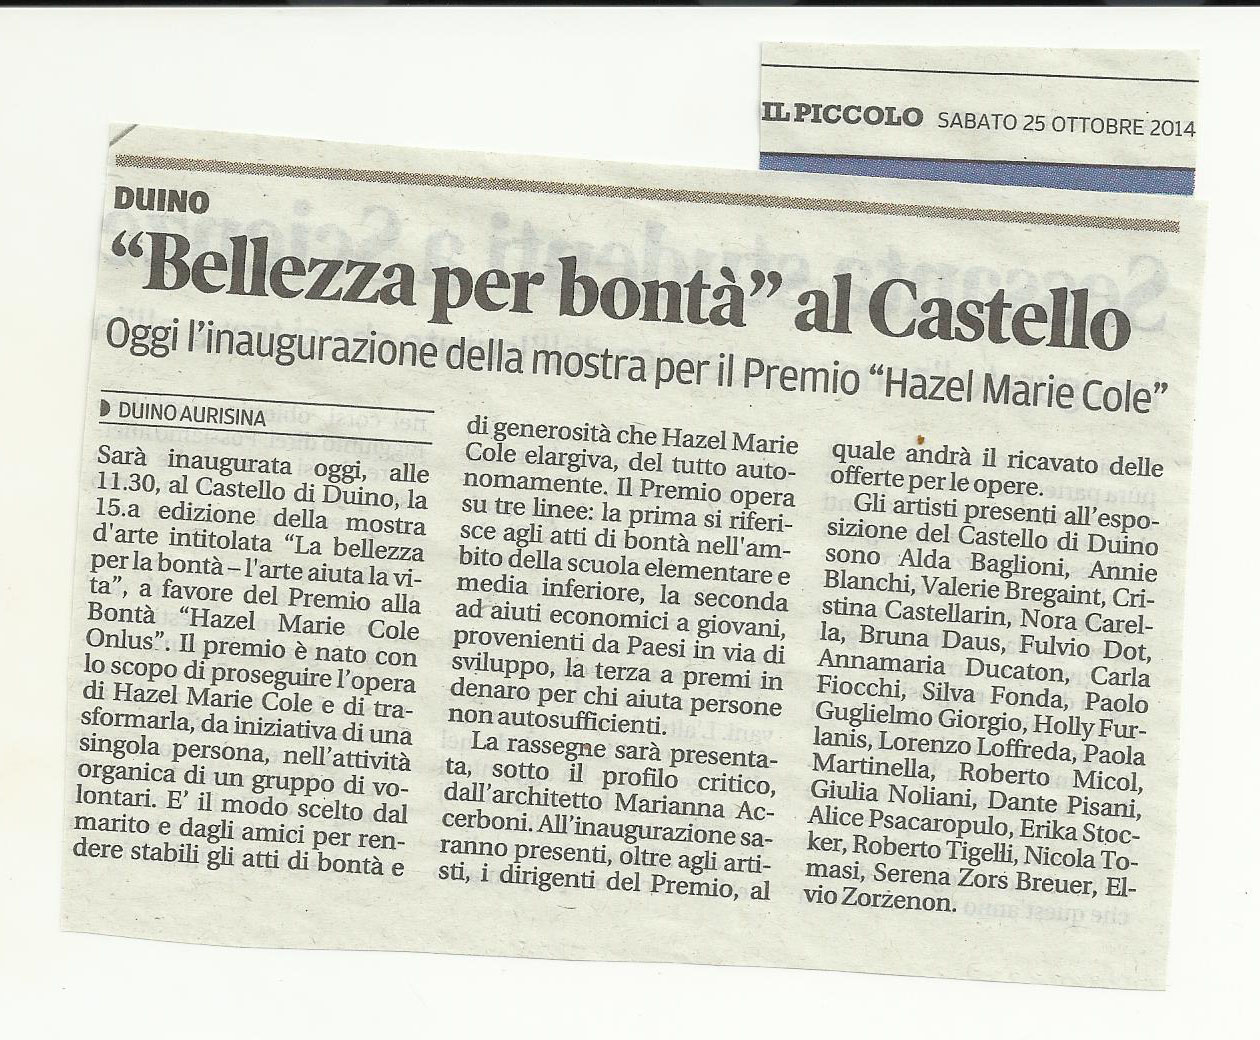 """25 ottobre 2014 Il PIccolo, Trieste Duino """"Bellezza per la bontà"""" al Castello"""